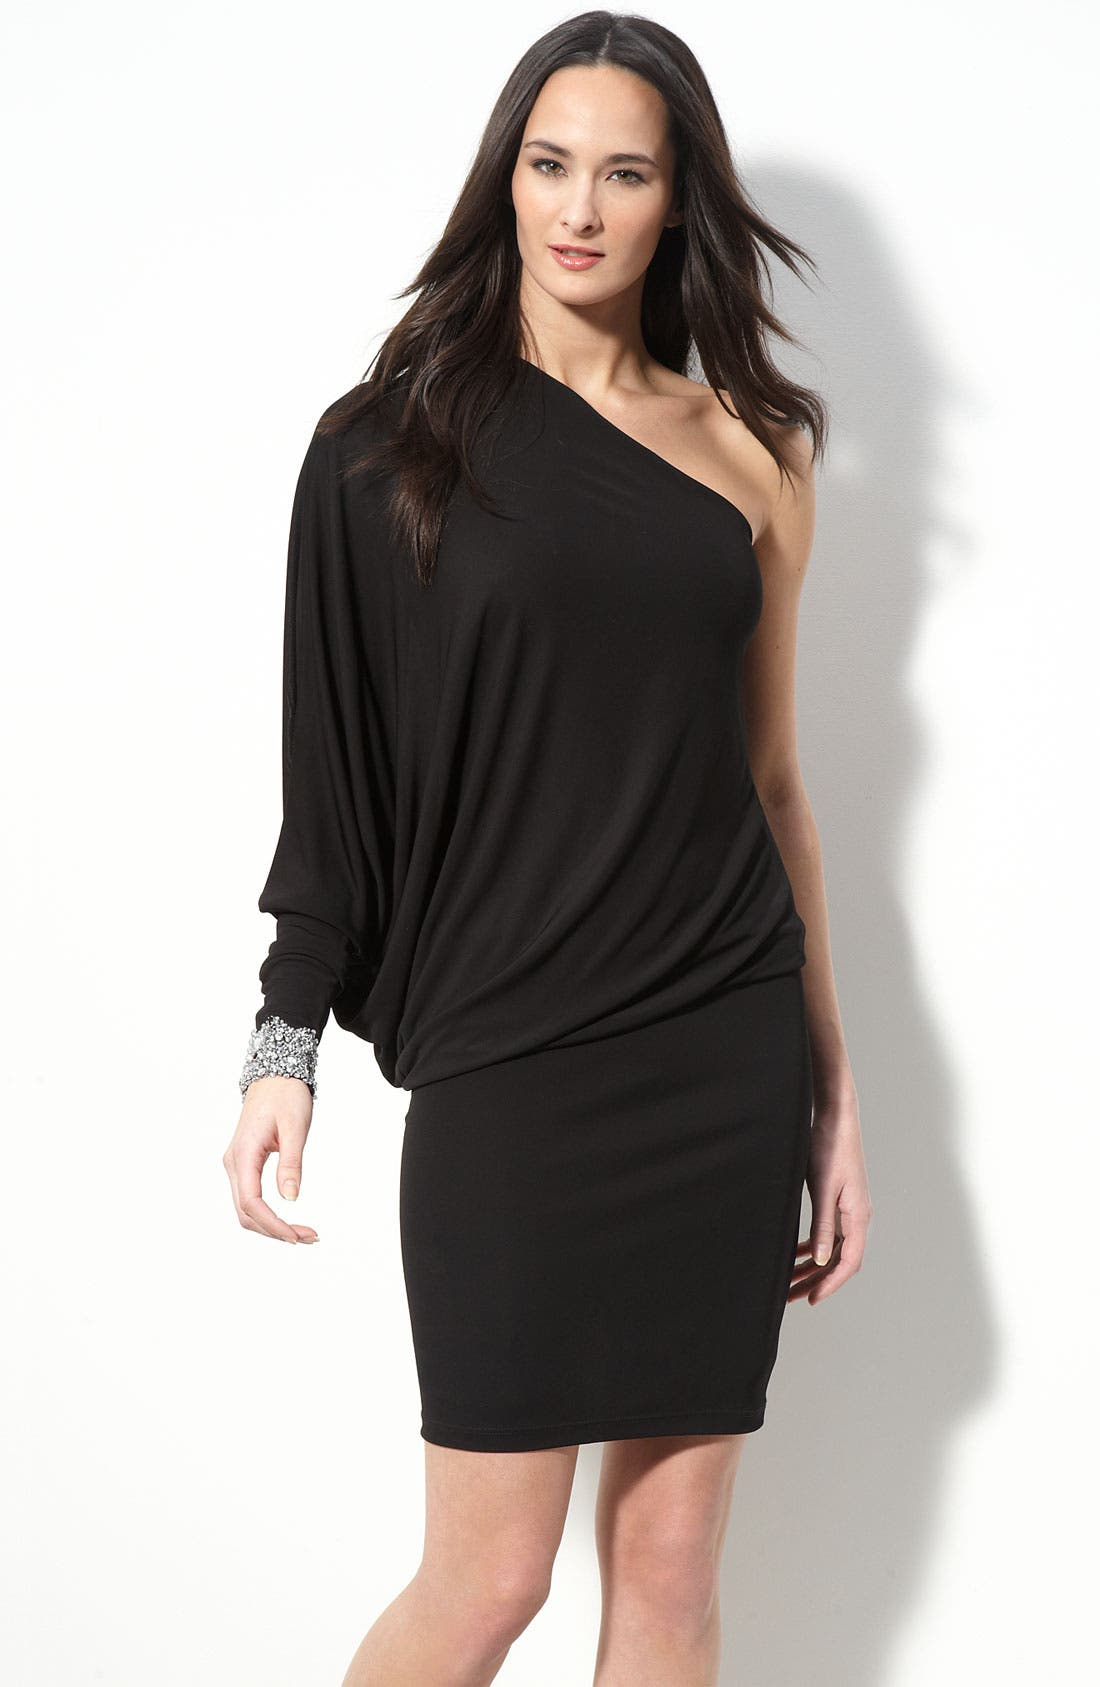 Alternate Image 1 Selected - David Meister Dolman Sleeve One Shoulder Jersey Dress